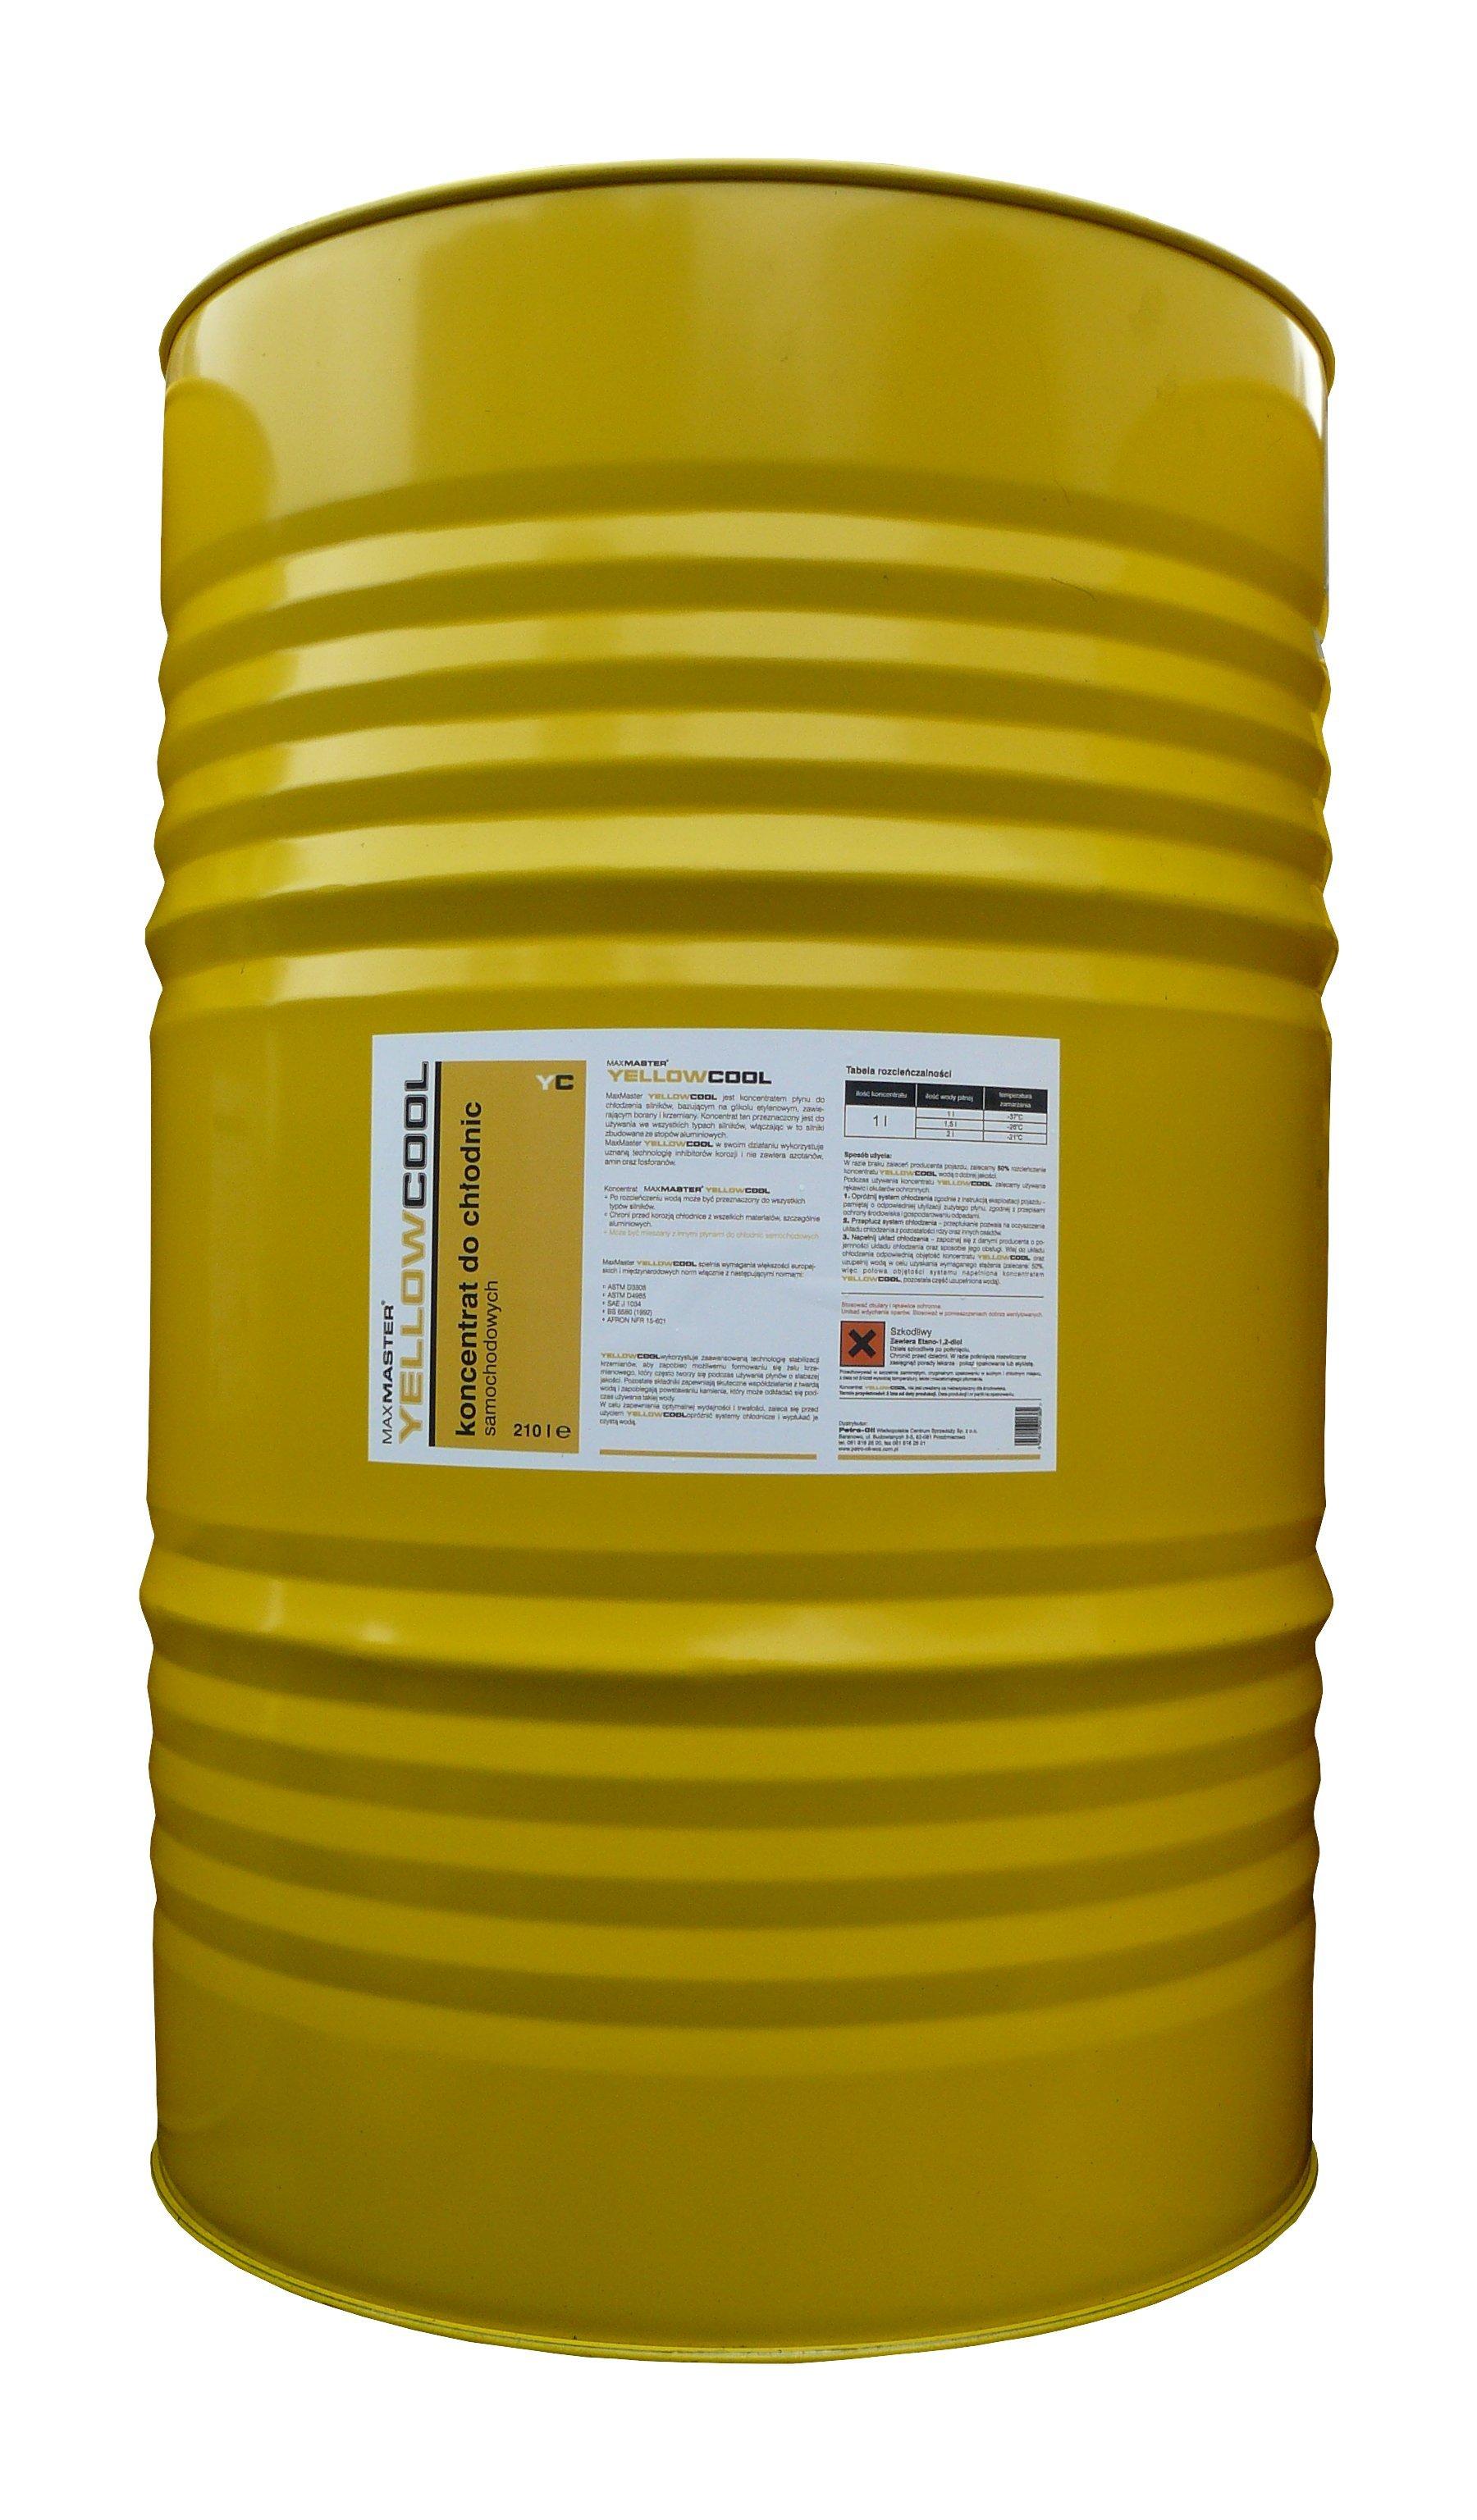 MAXMASTER YELLOWCOOL KONCENTRAT DO CHŁODNIC żółty  60L